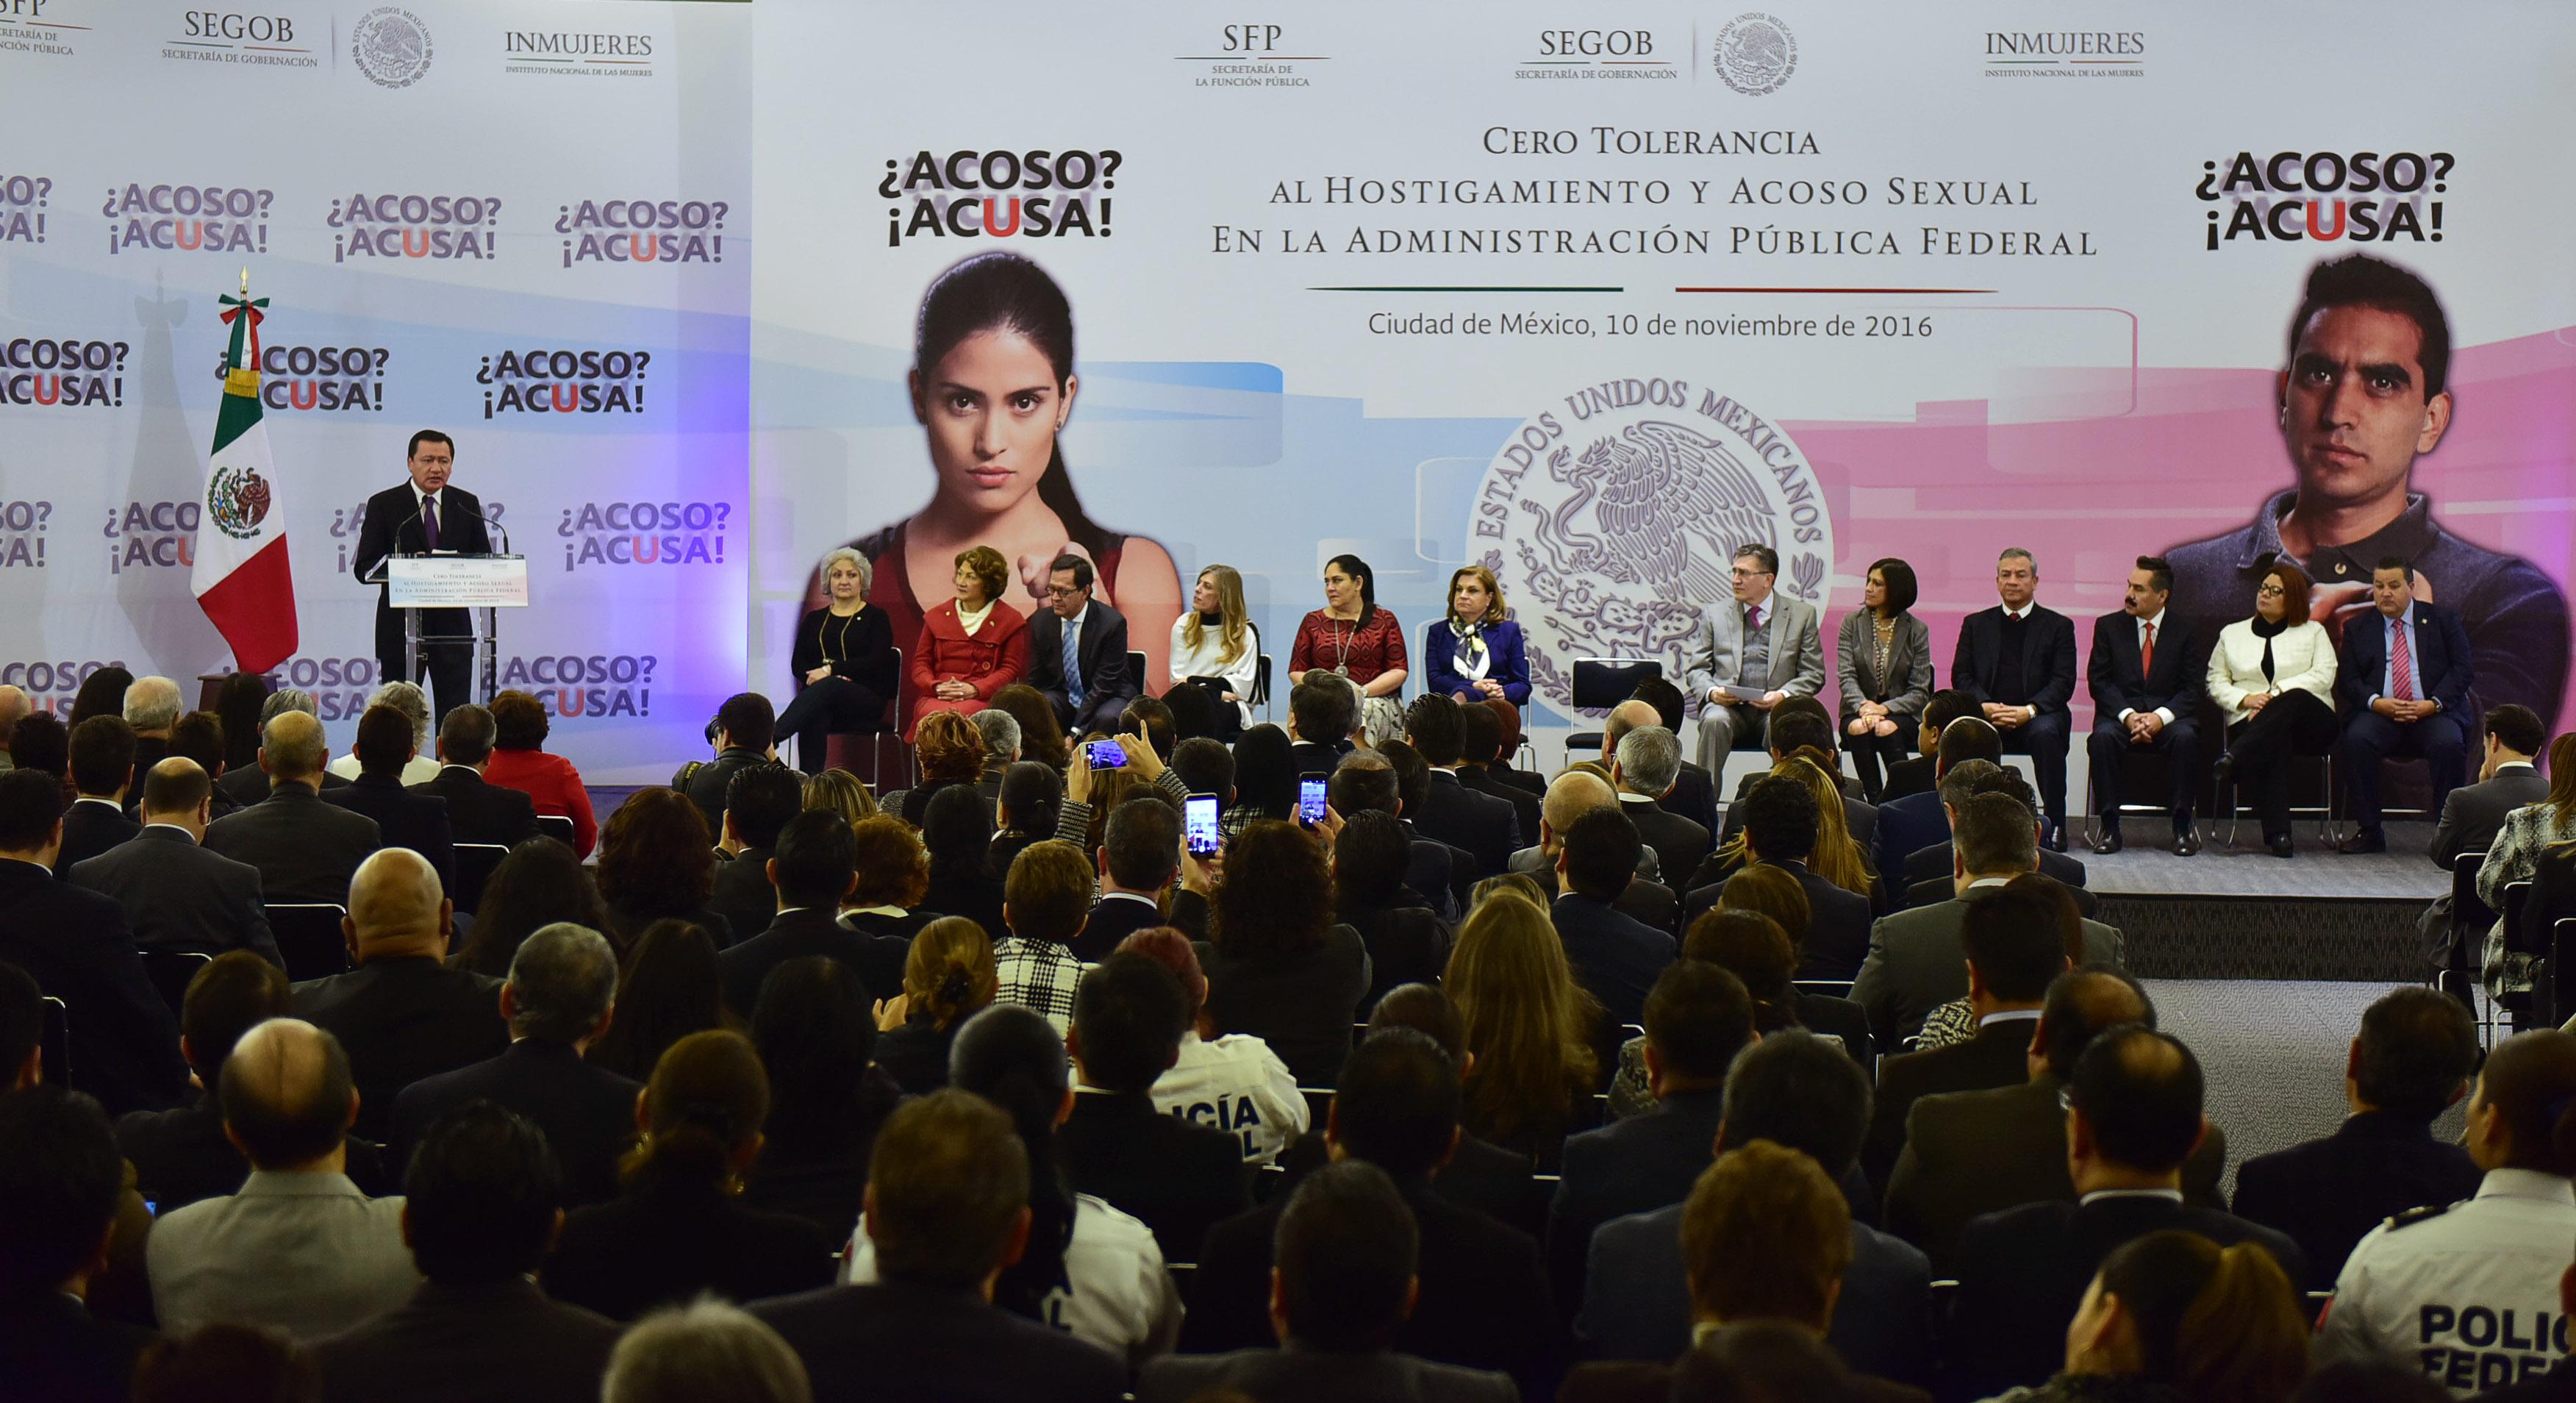 El Secretario de Gobernación, Miguel Ángel Osorio Chong, durante el pronunciamiento Cero Tolerancia al Hostigamiento y Acoso Sexual en la Administración Pública Federal